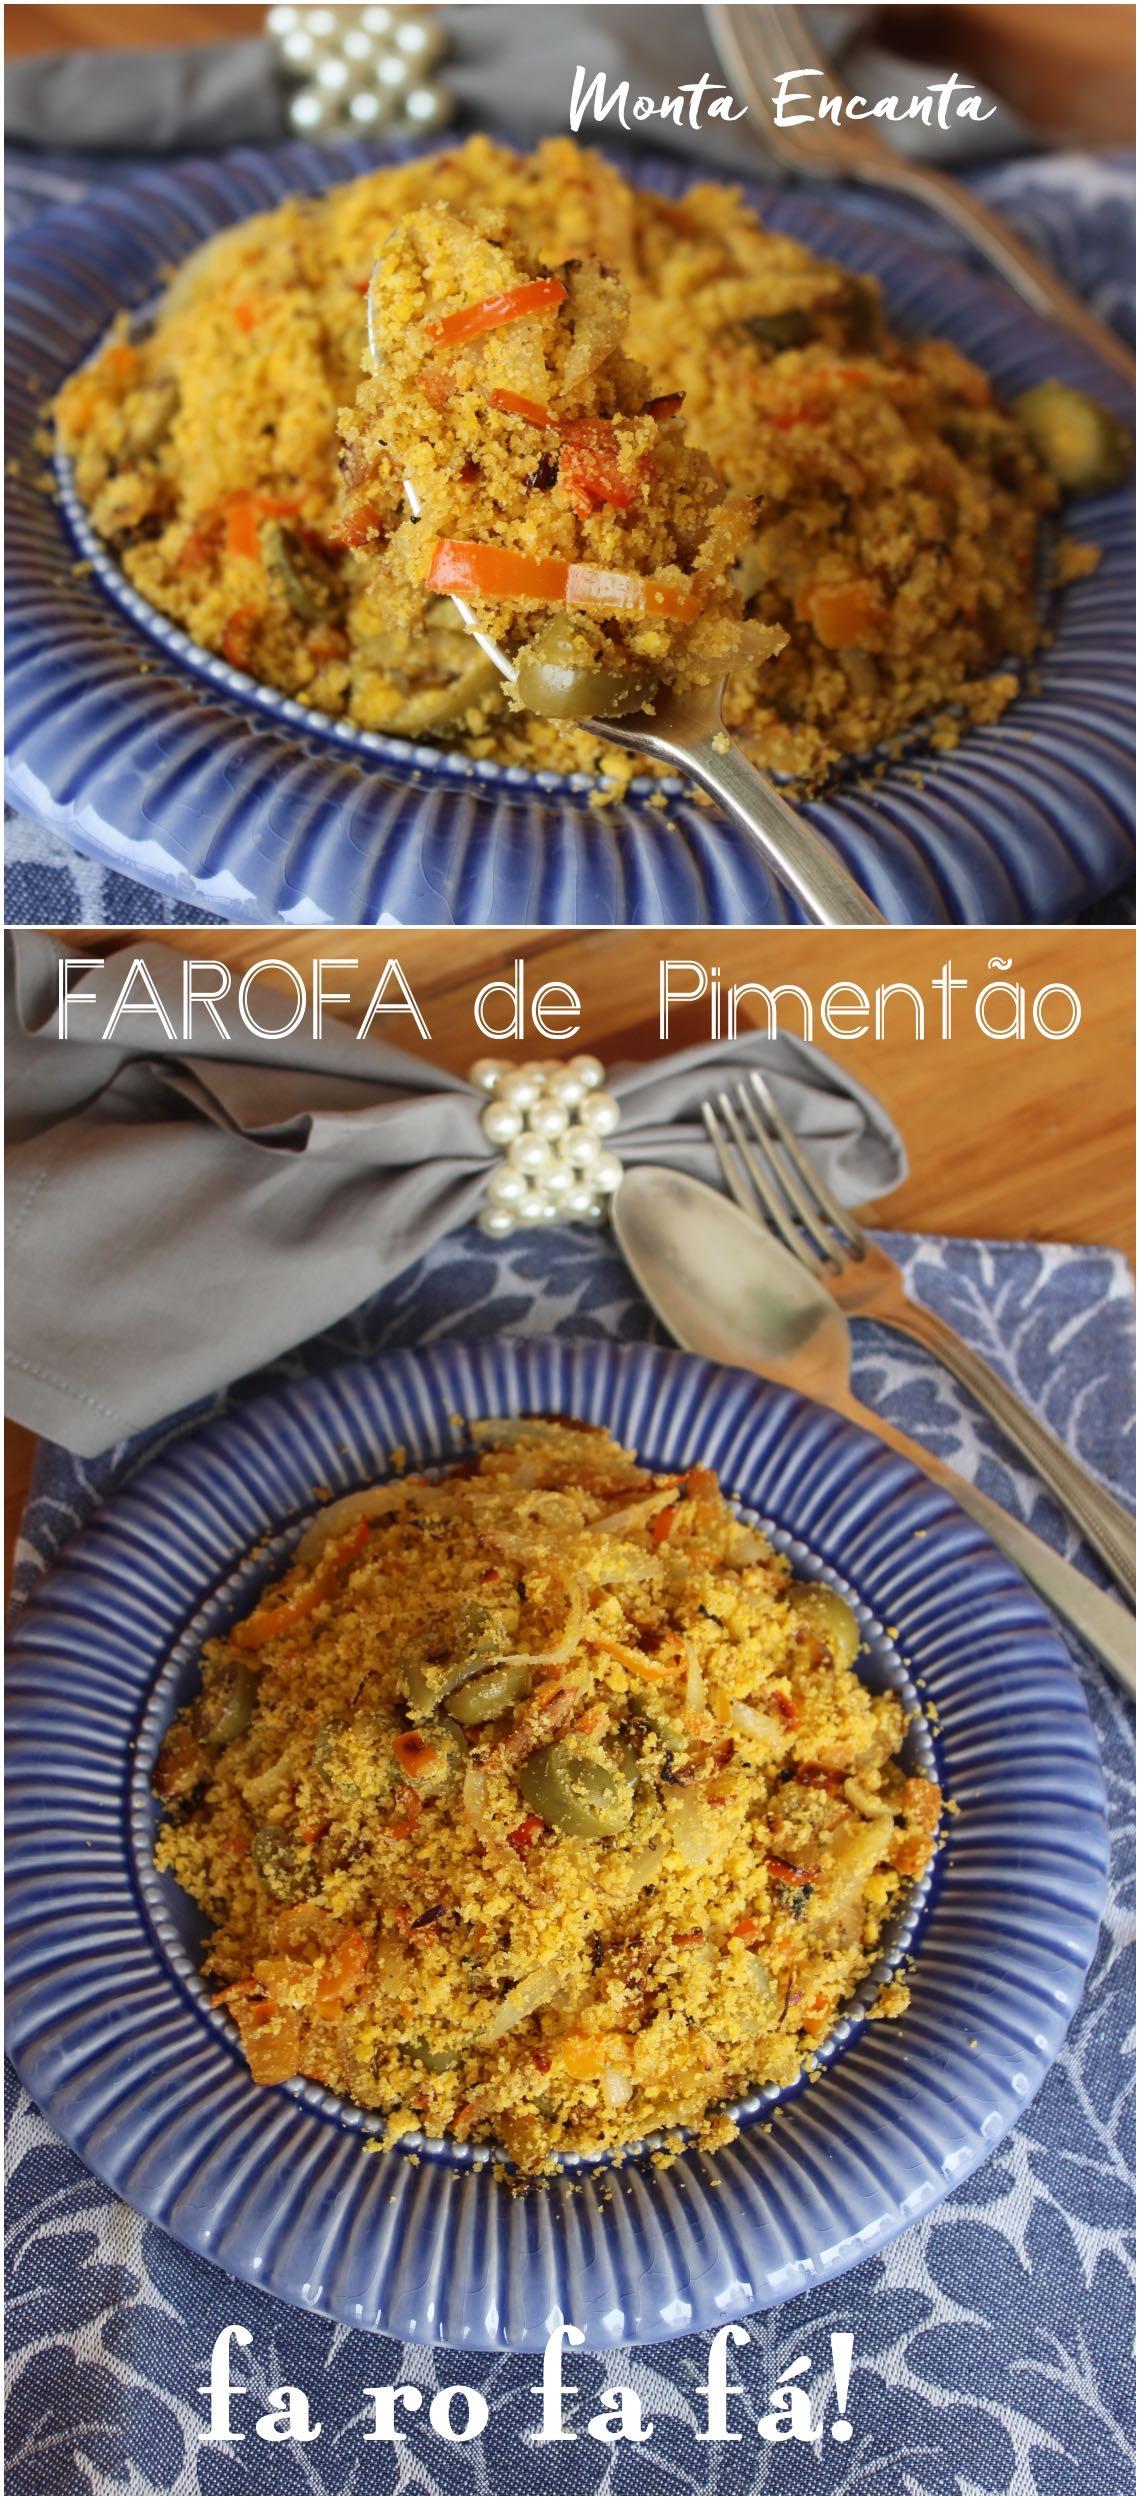 farofa de pimentao